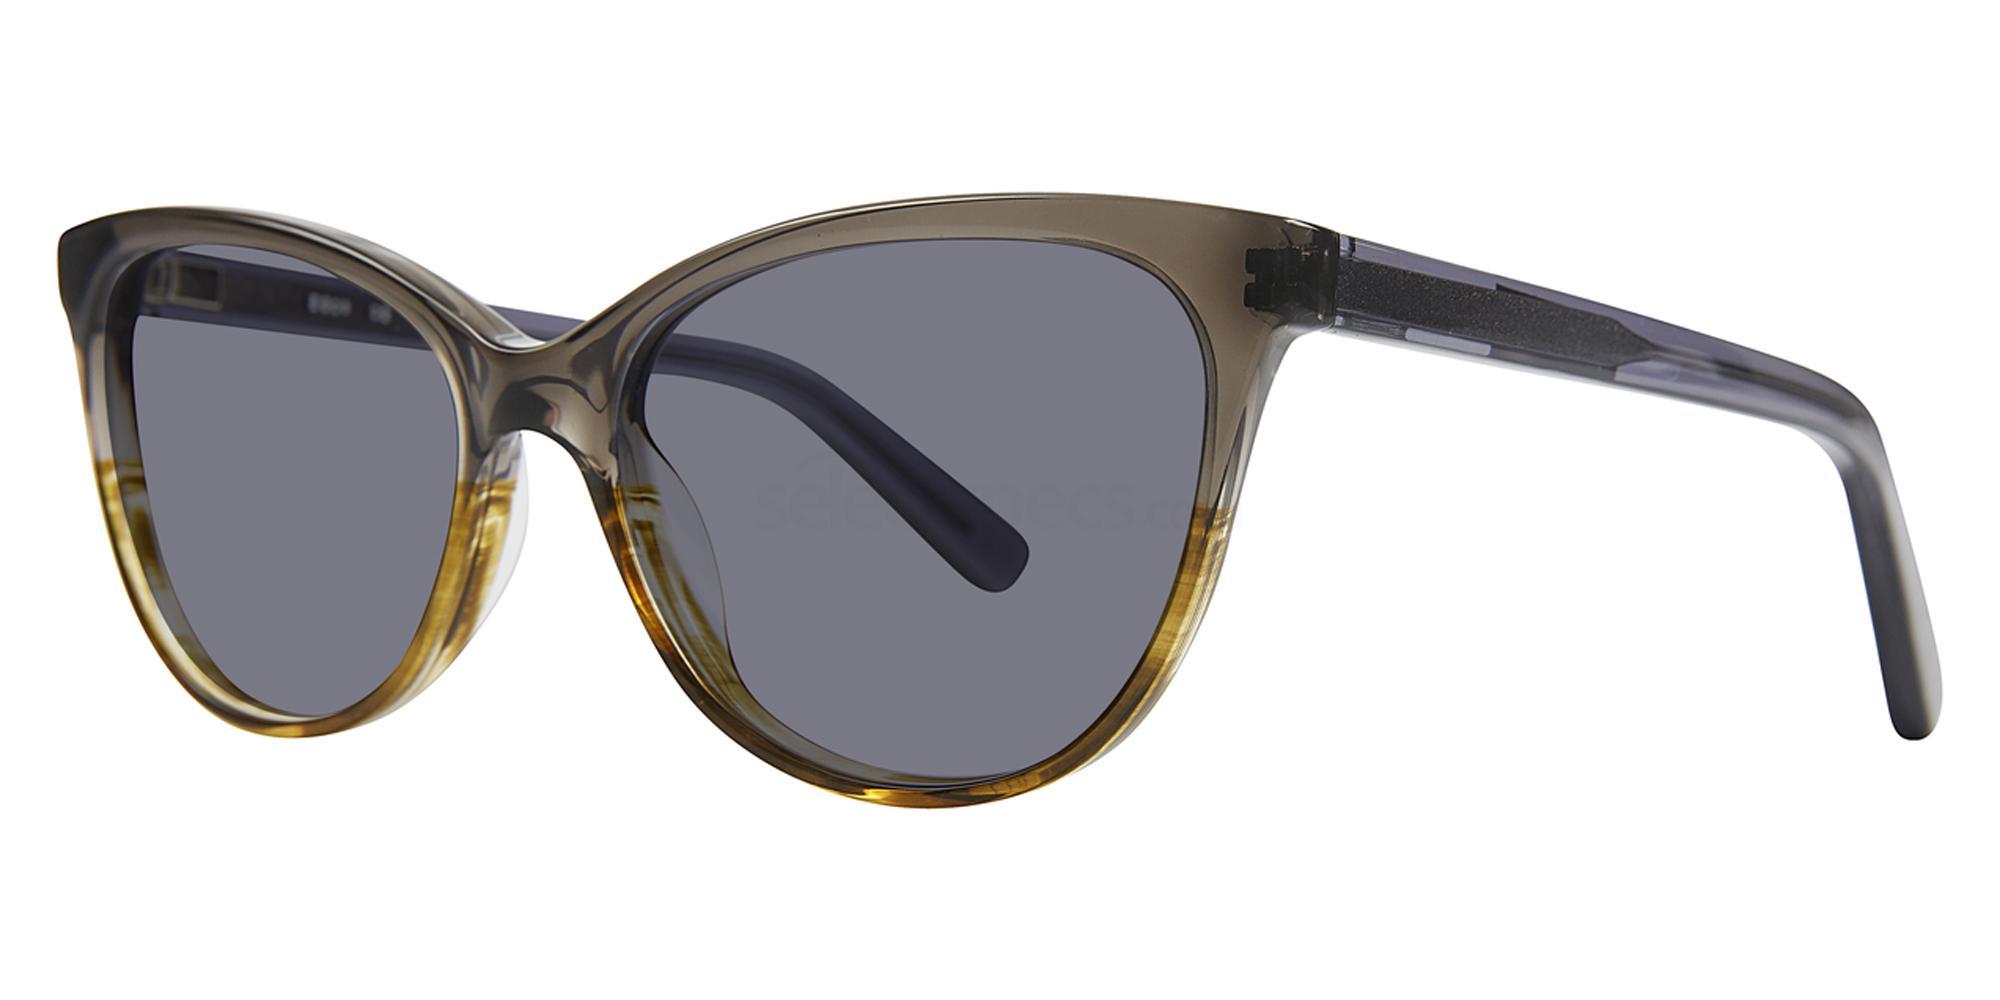 C2 Bonaparte Sunglasses, Joseph